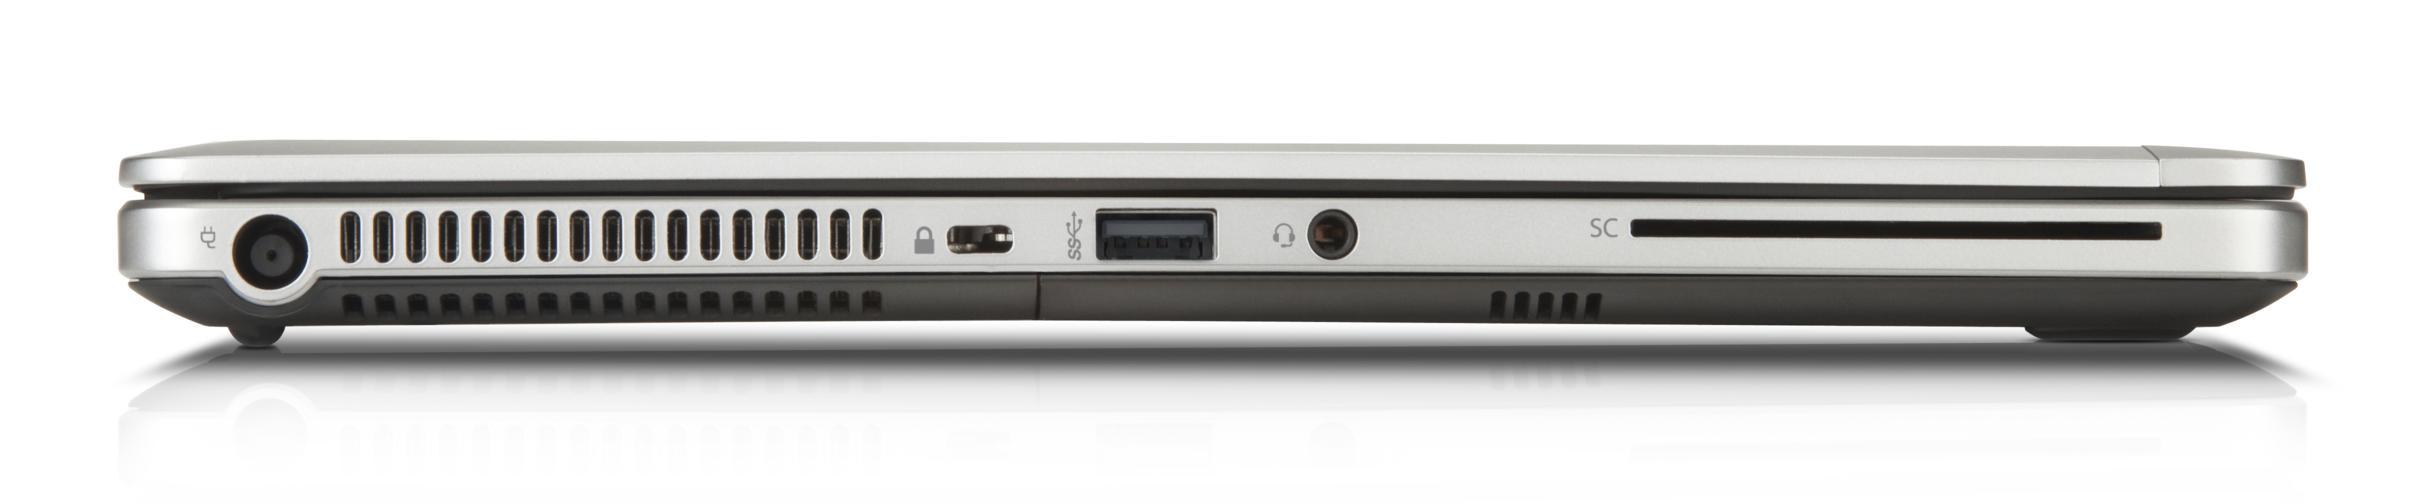 لپ تاپ استوک HP EliteBook Revolve 810 - فروشگاه اینترنتی استوکالا